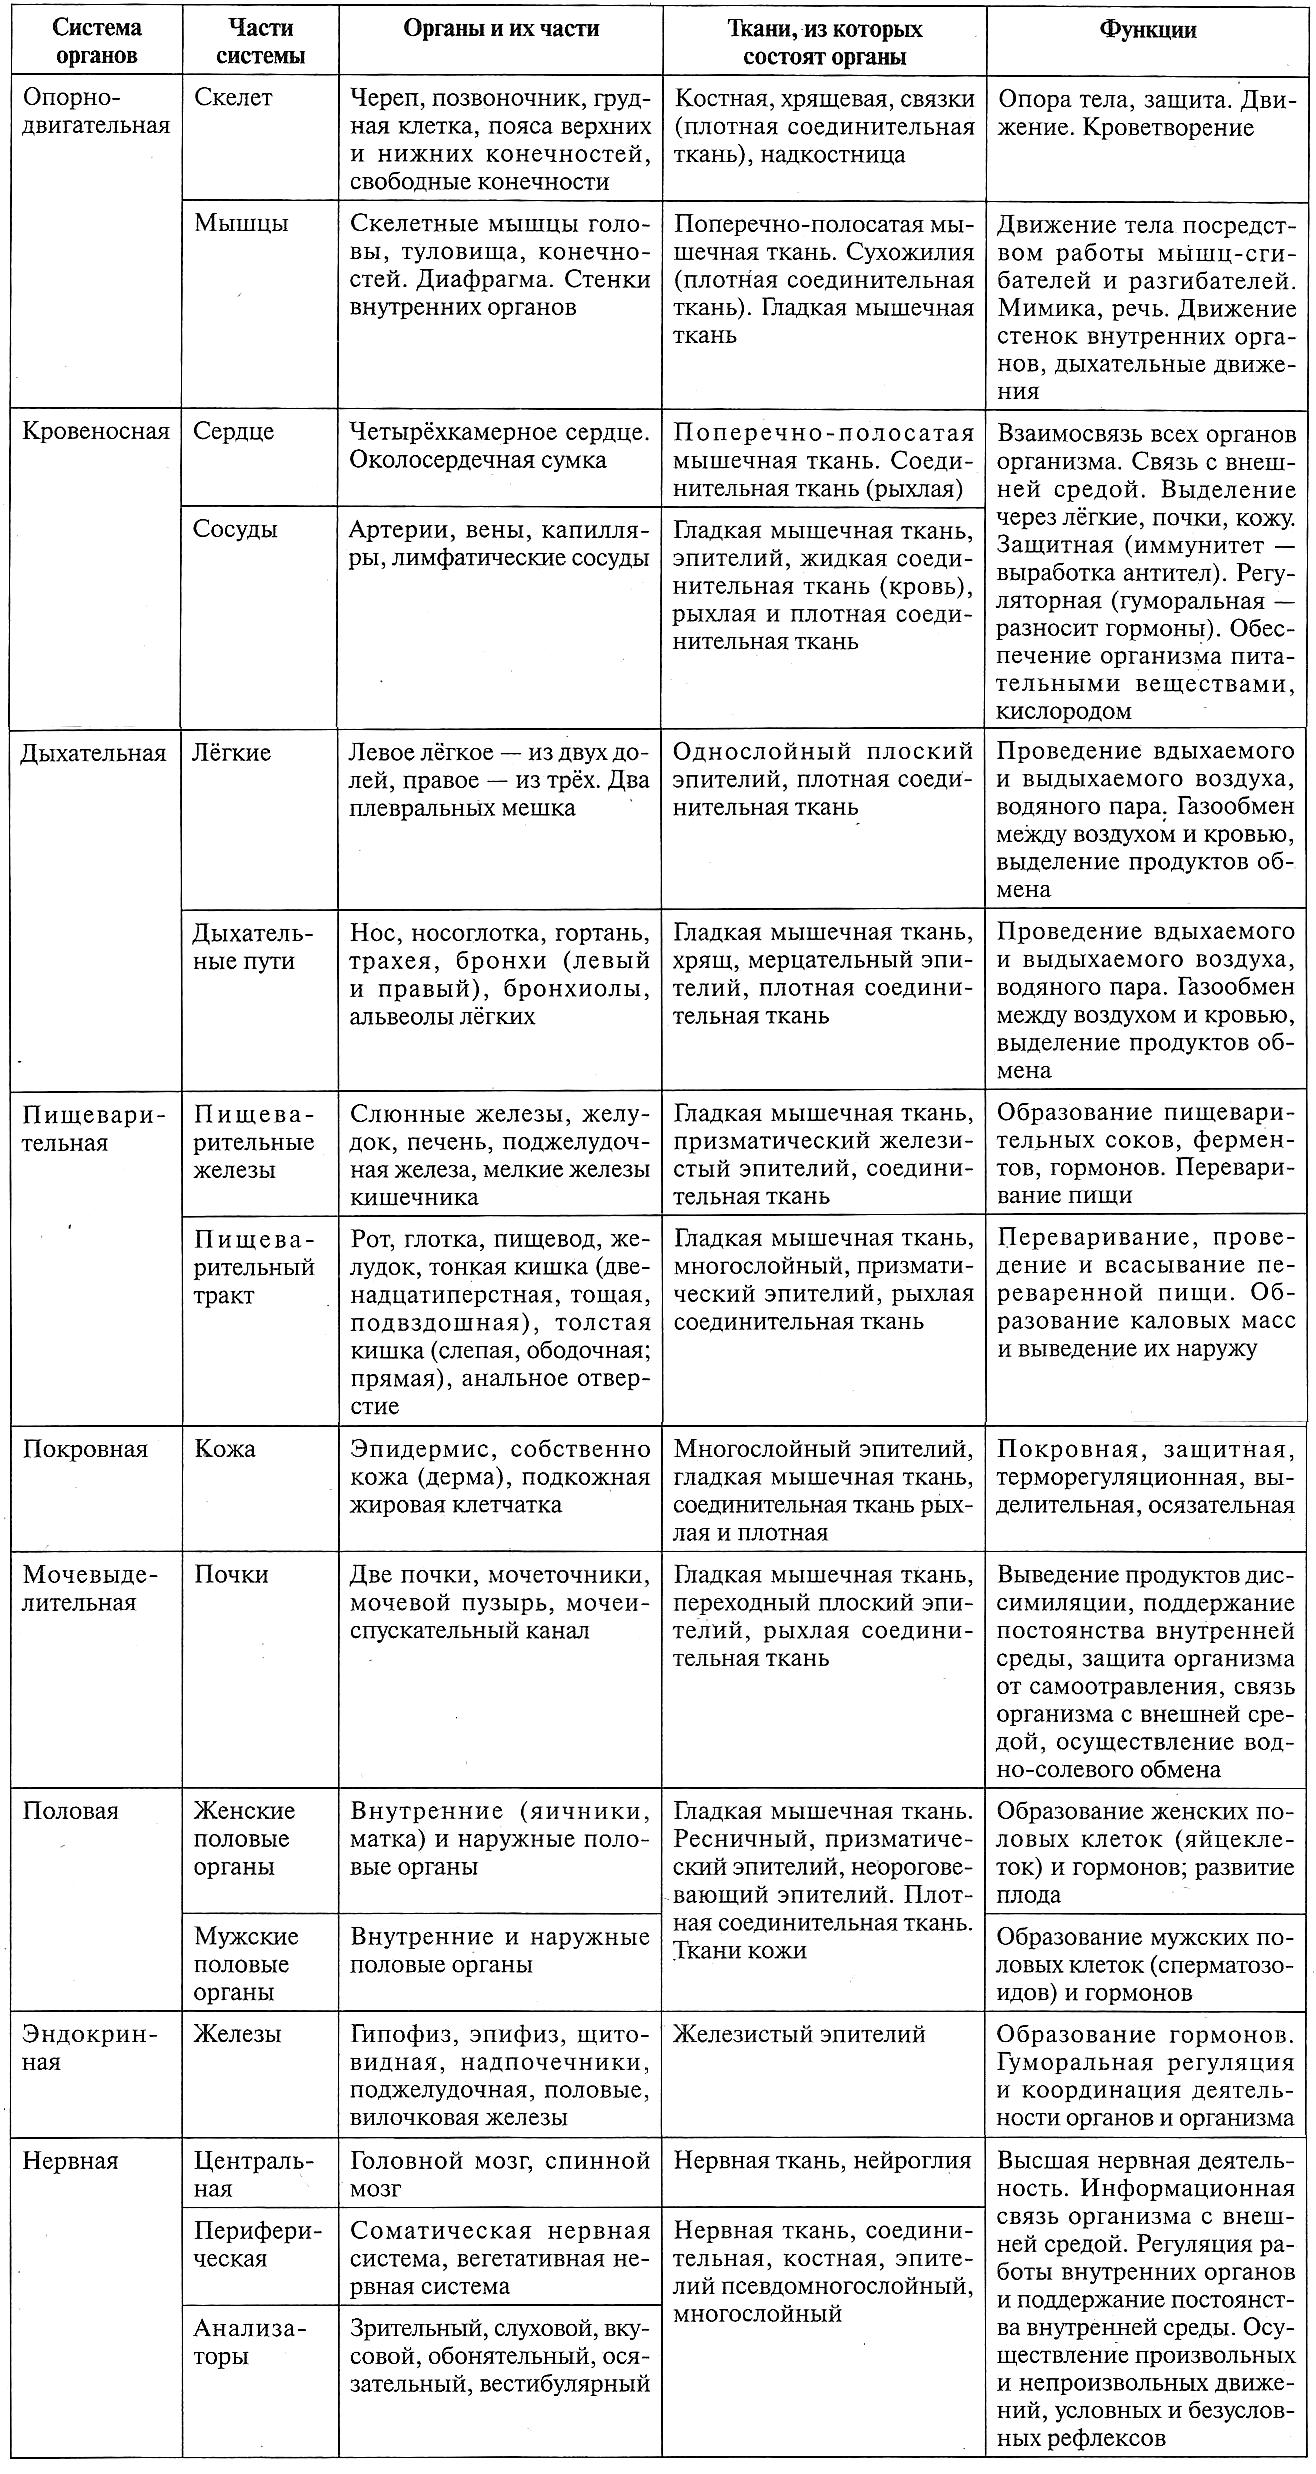 Таблица 12.3. Системы органов человека